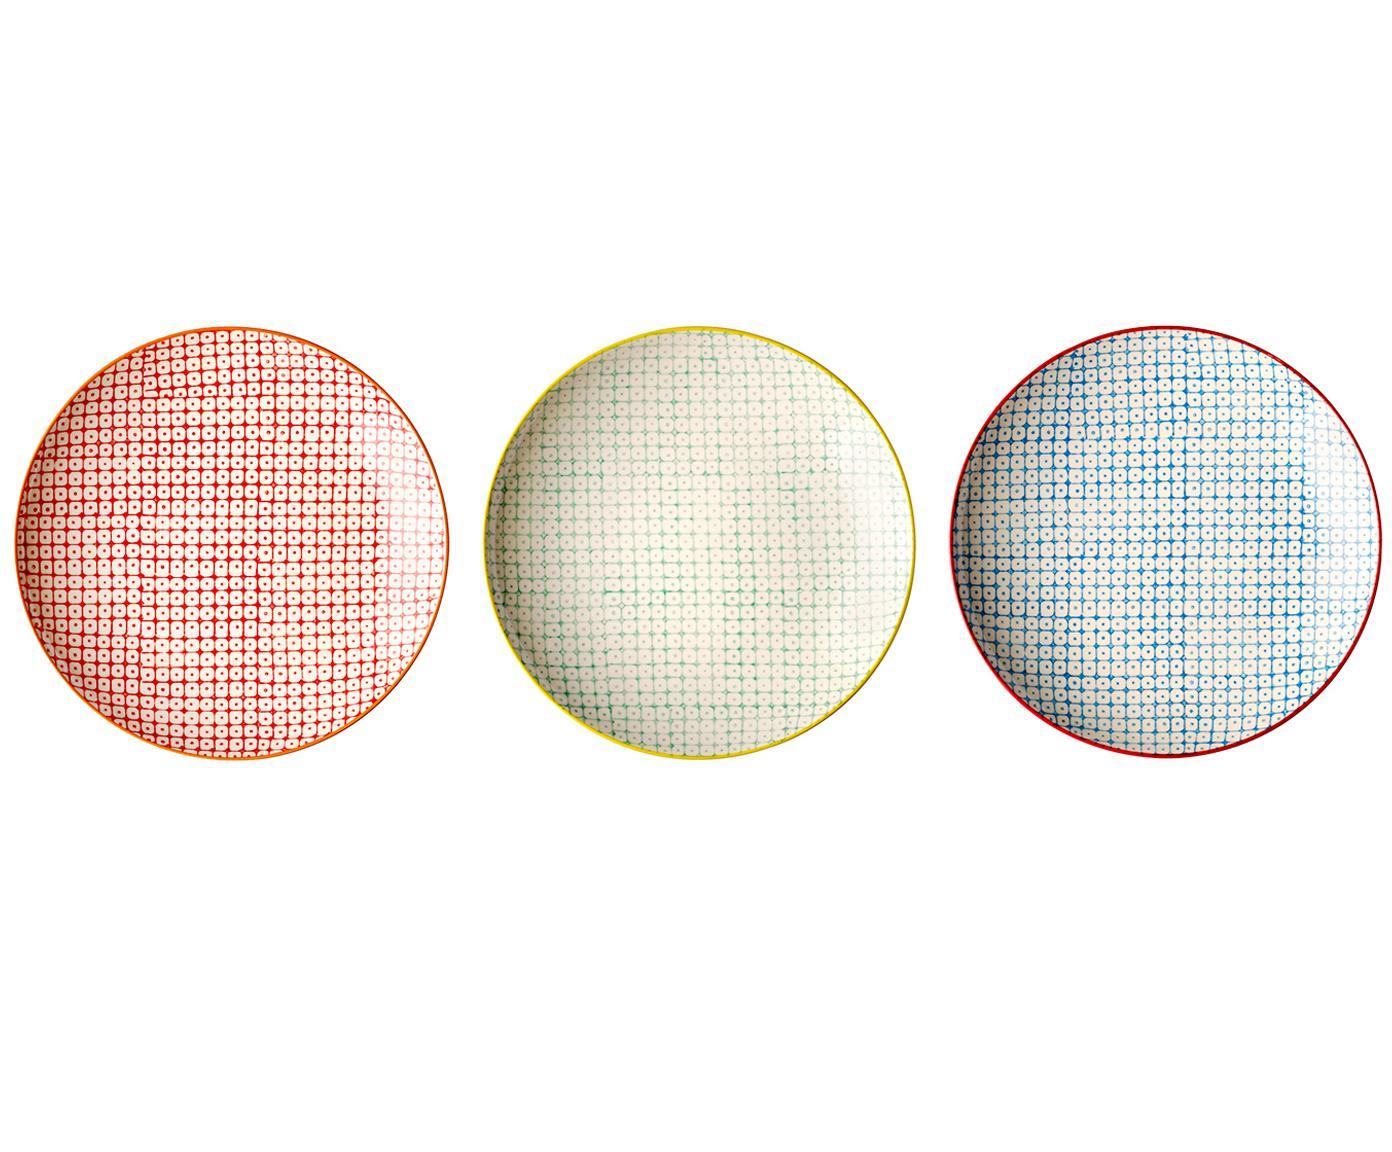 Set de platos postre Carla, 3pzas., Cerámica, Rojo, verde, azul, Ø 20 cm